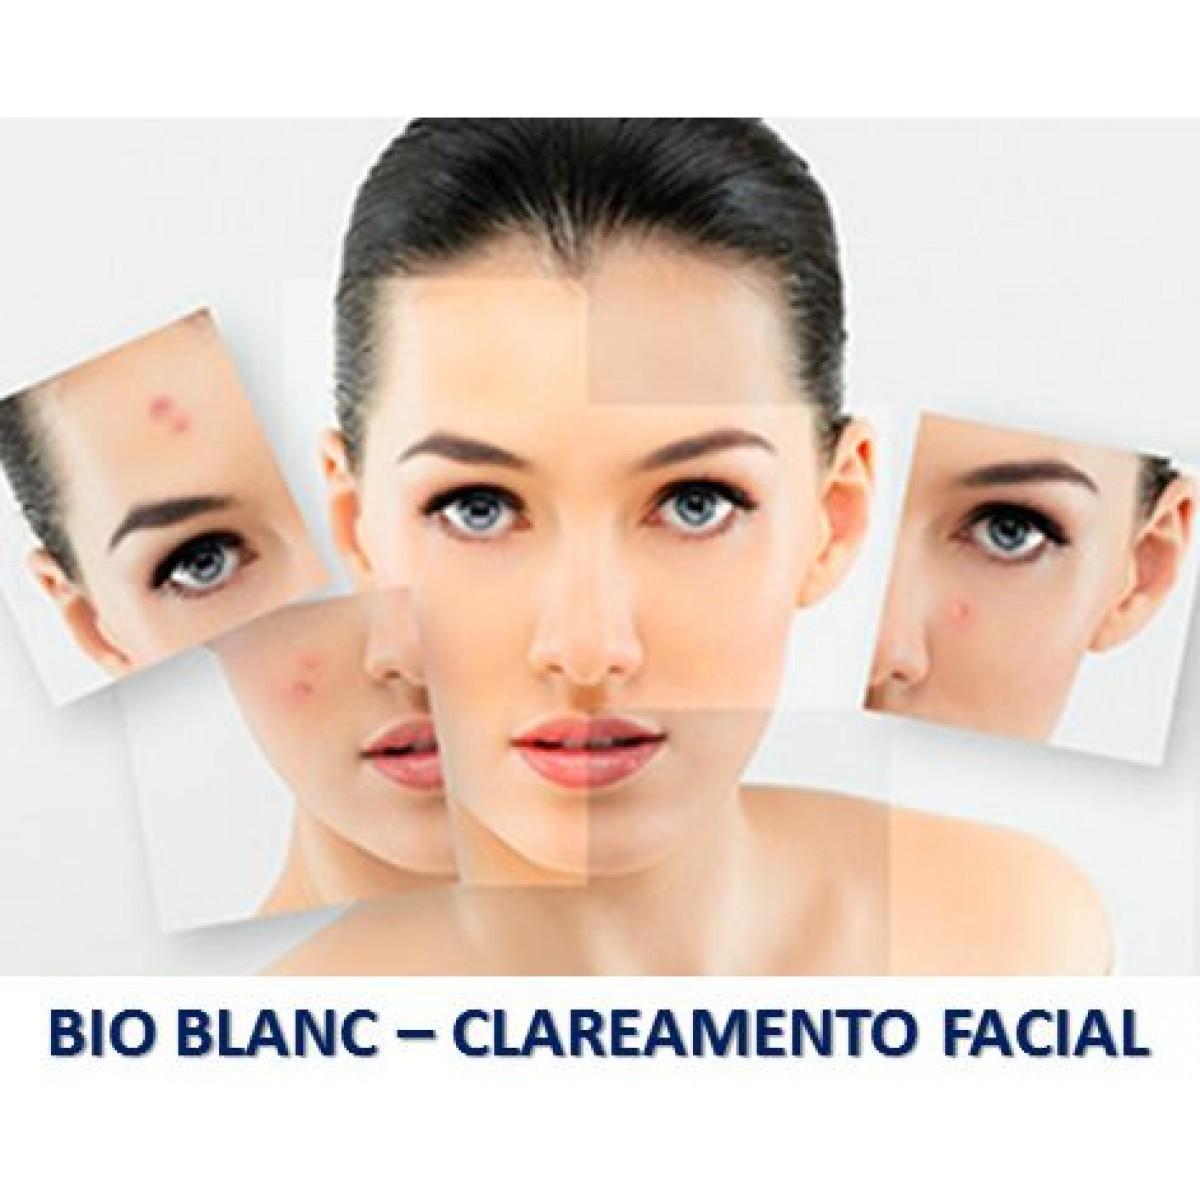 BioBlanc 2% Serum com Oliva Francesa para Clareamento Cutâneo